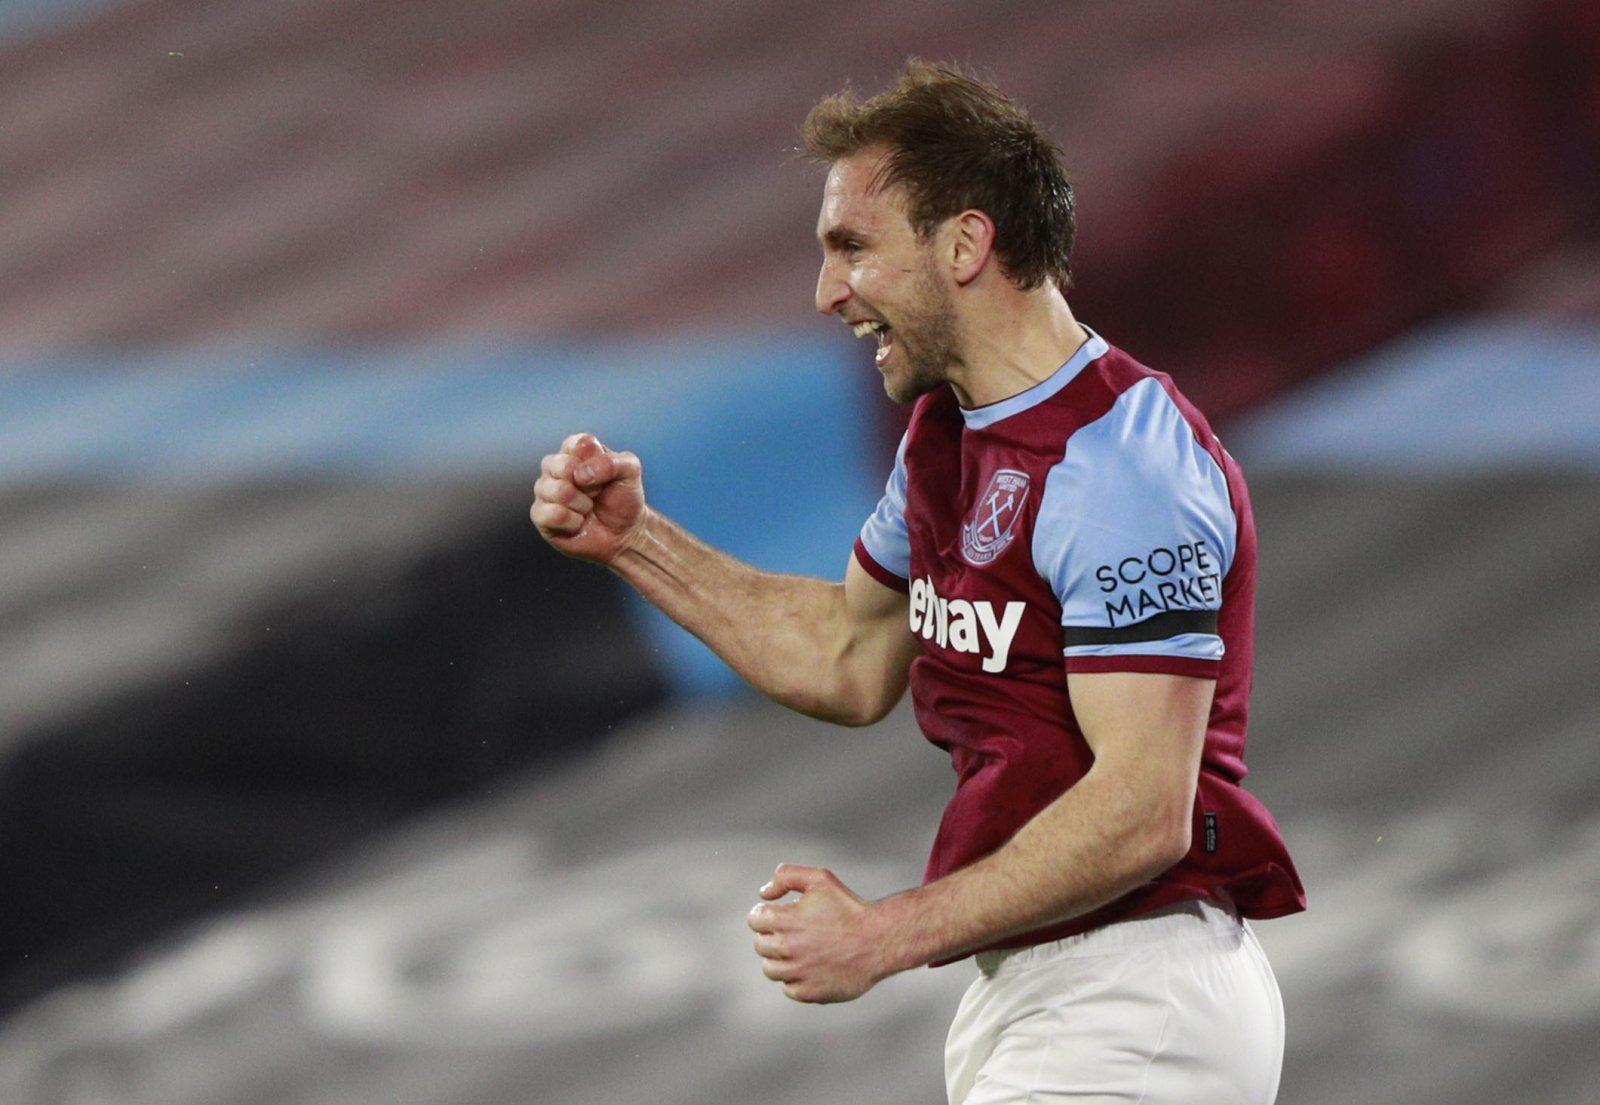 Image for Moyes: Craig Dawson 'Worthy' of West Ham Stay